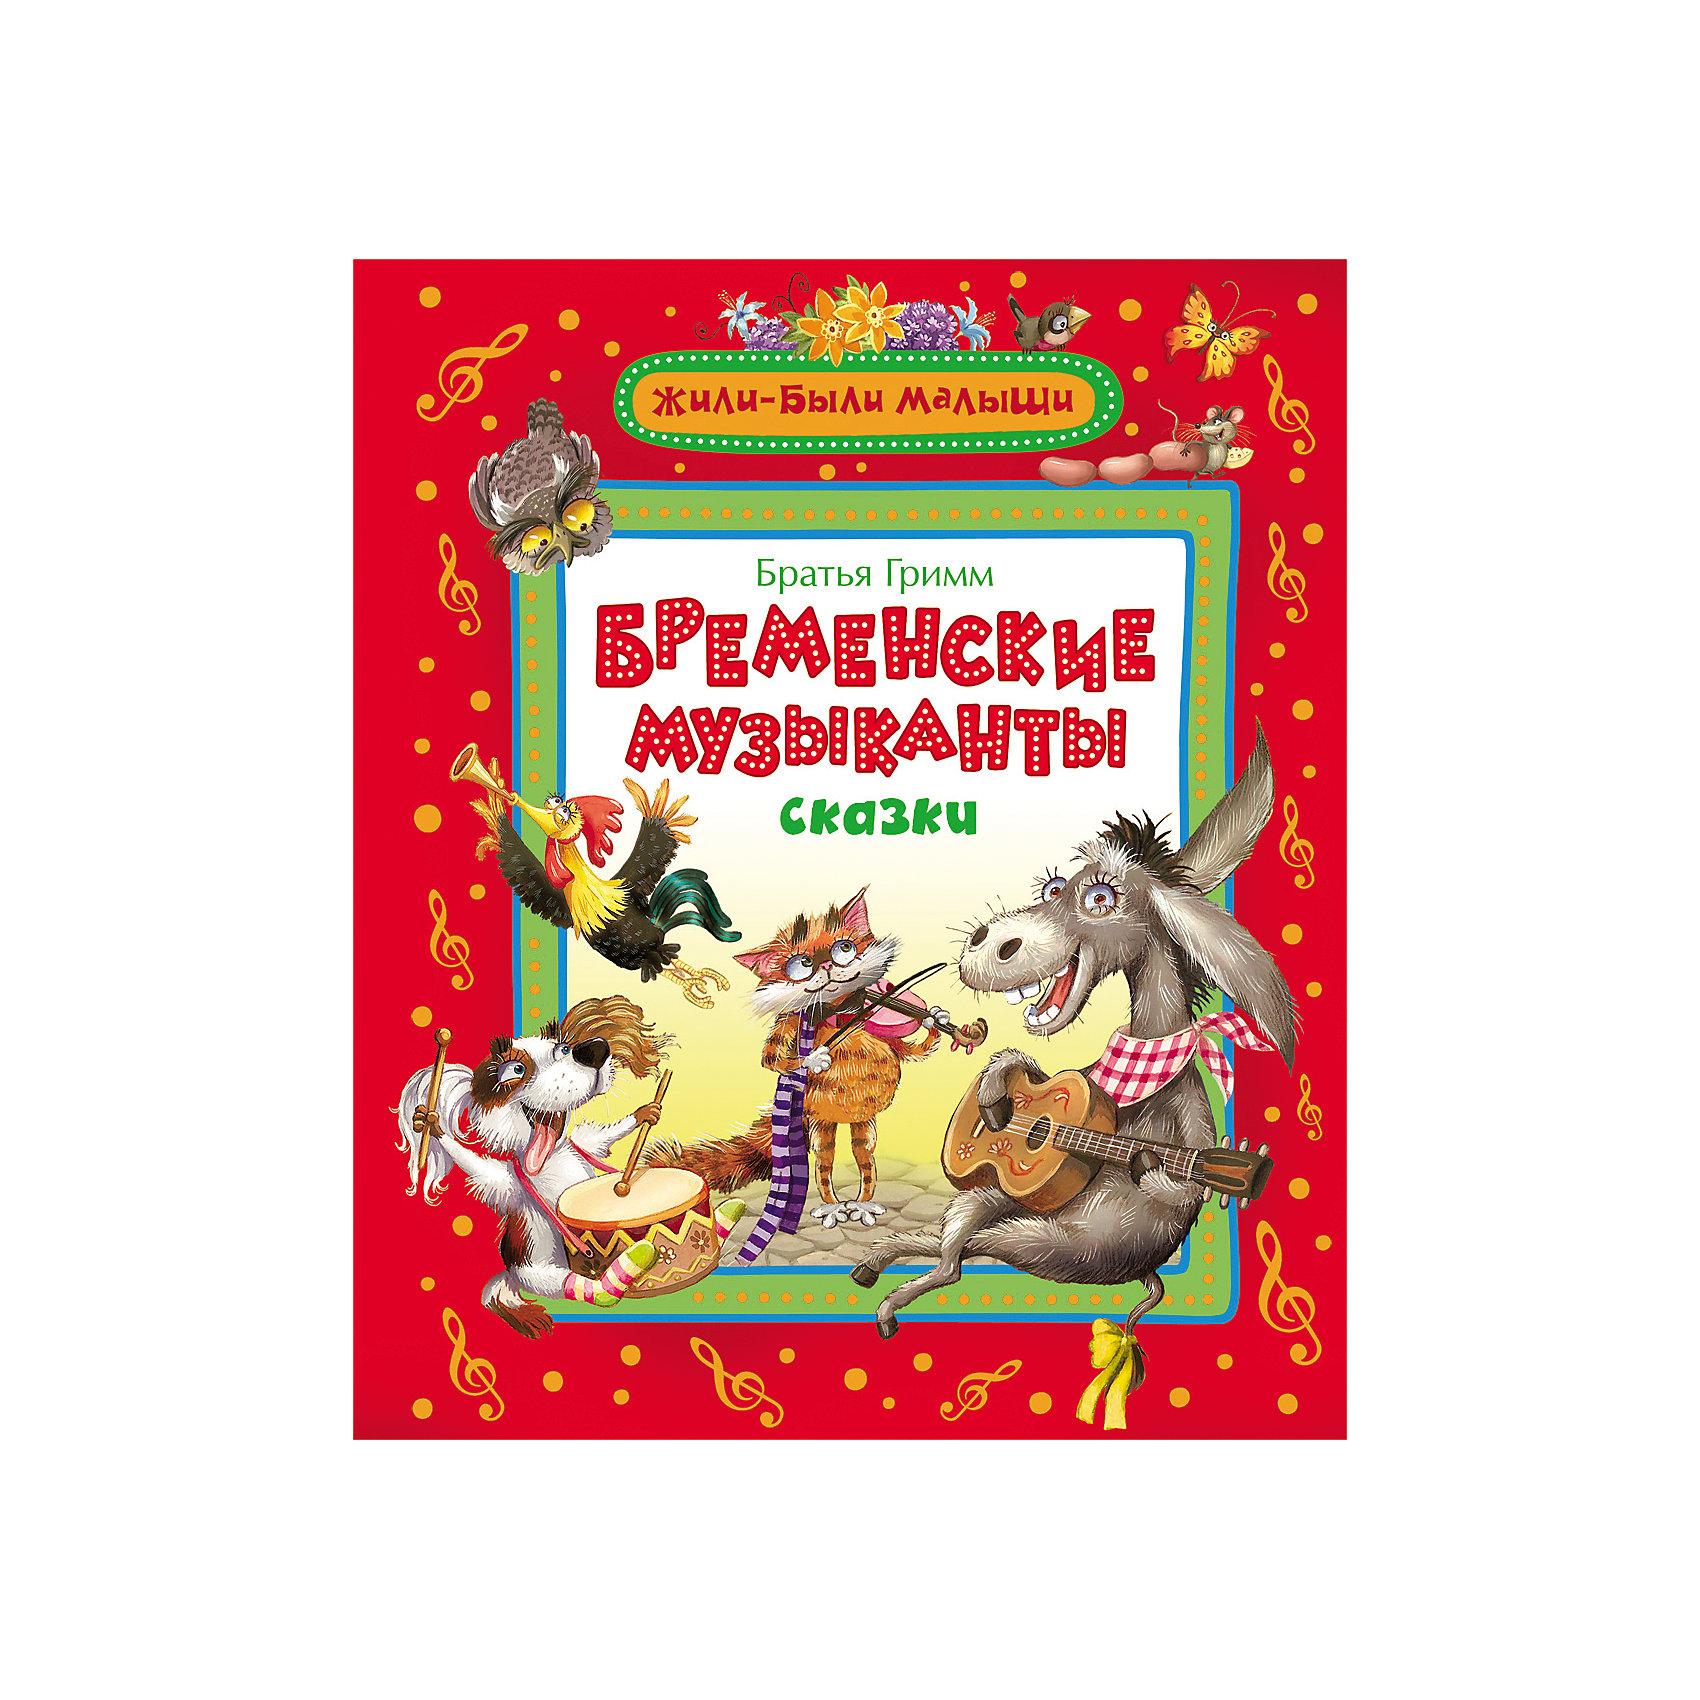 Сборник Песен Из Бременских Музыкантов Скачать Торрент